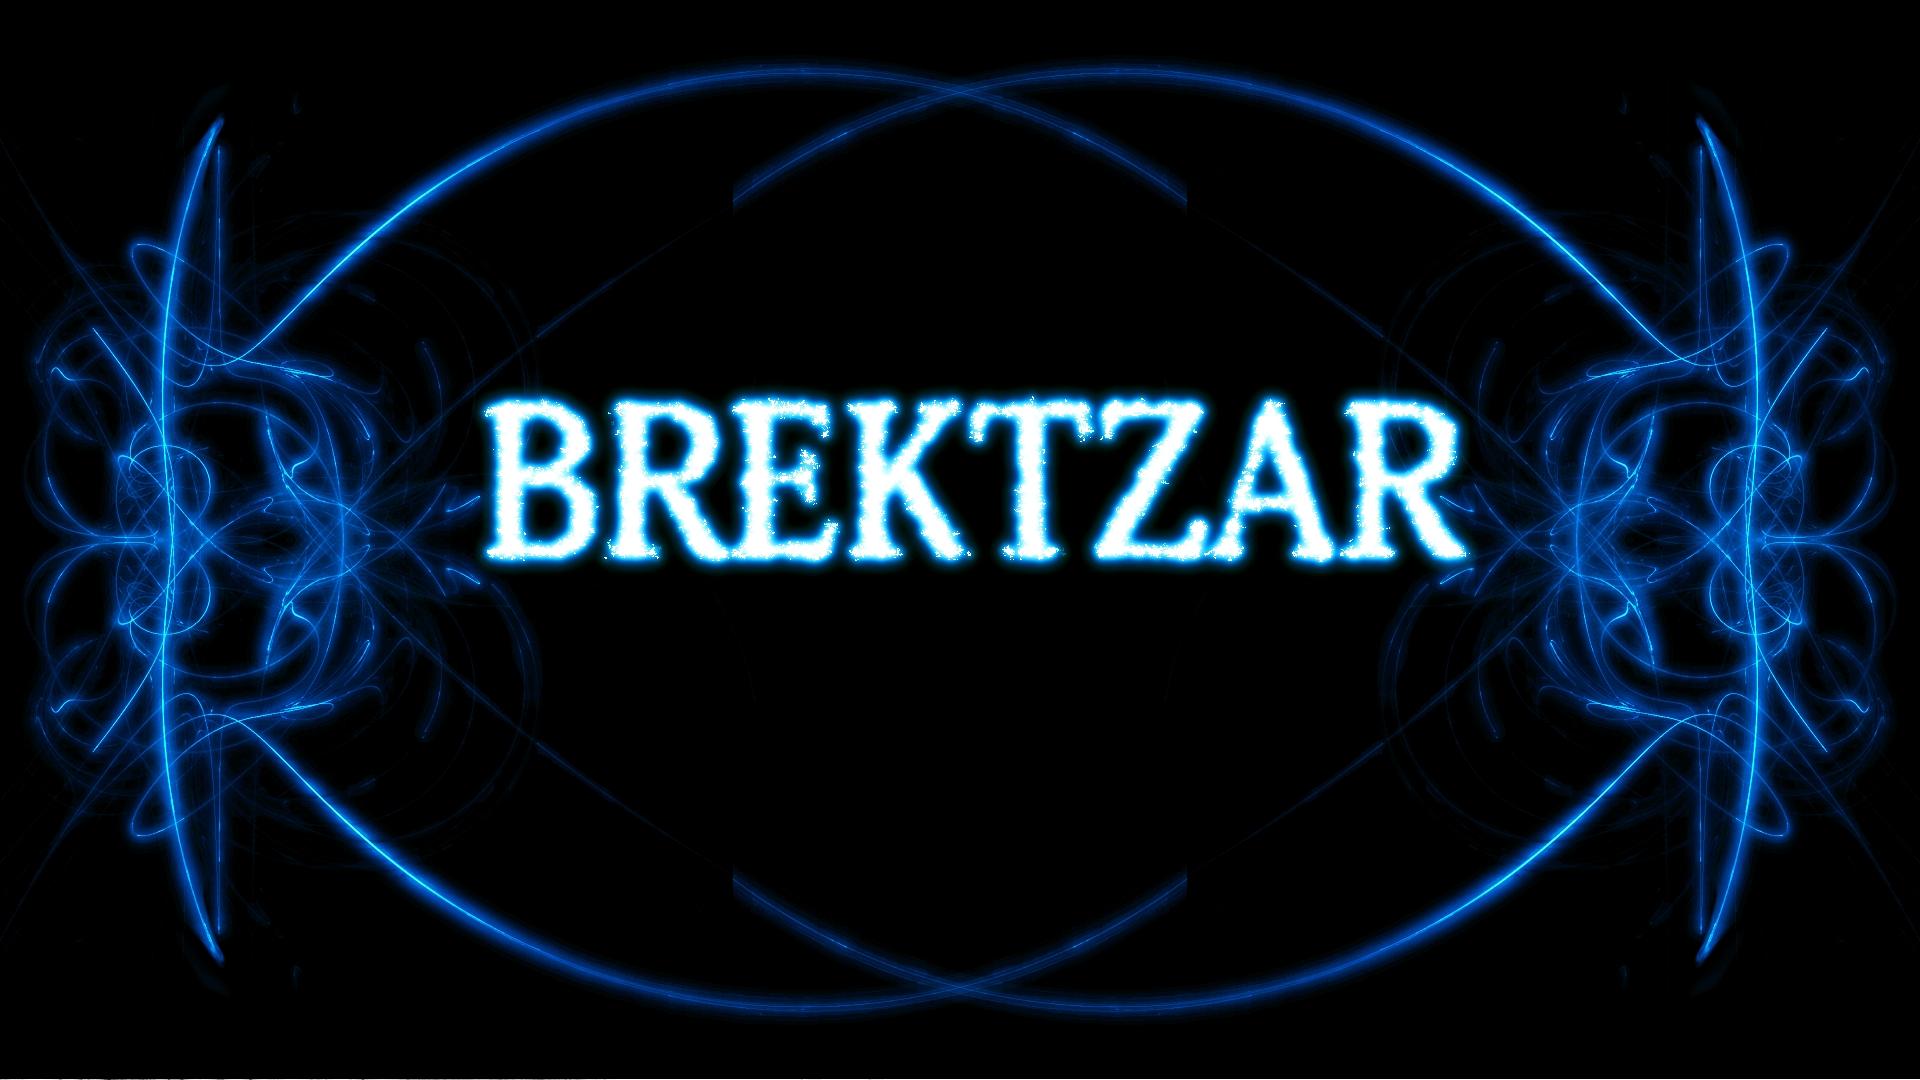 brektzar's Profile Picture